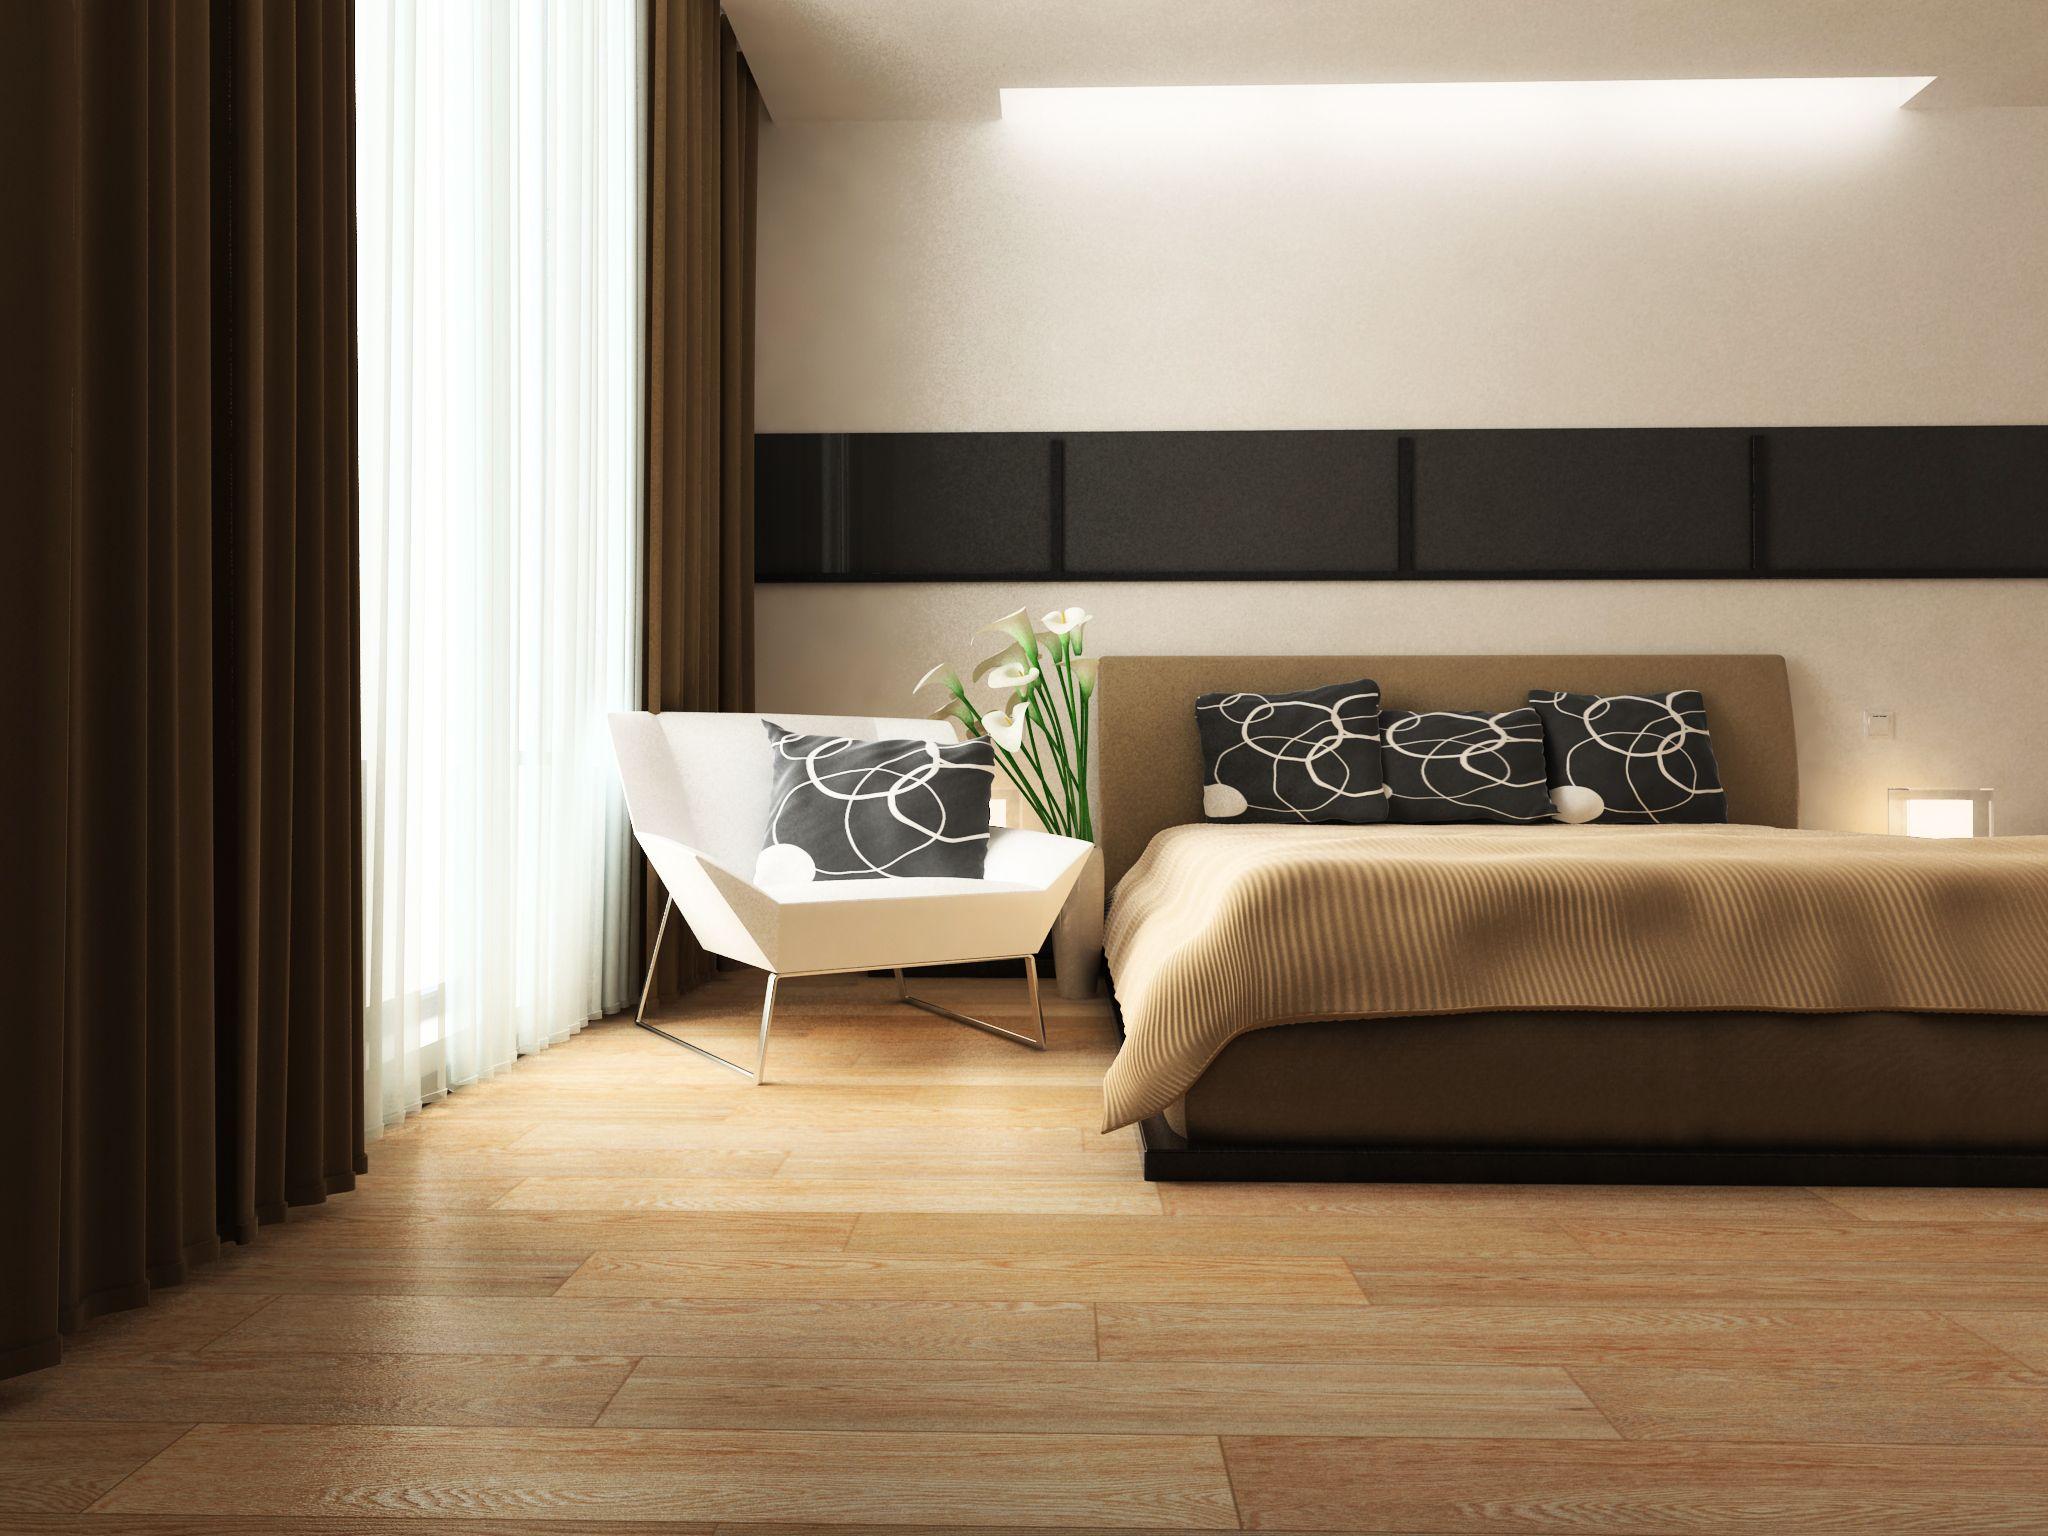 Madera cer mica en rec mara de la l nea madeira color for Decoracion de pisos